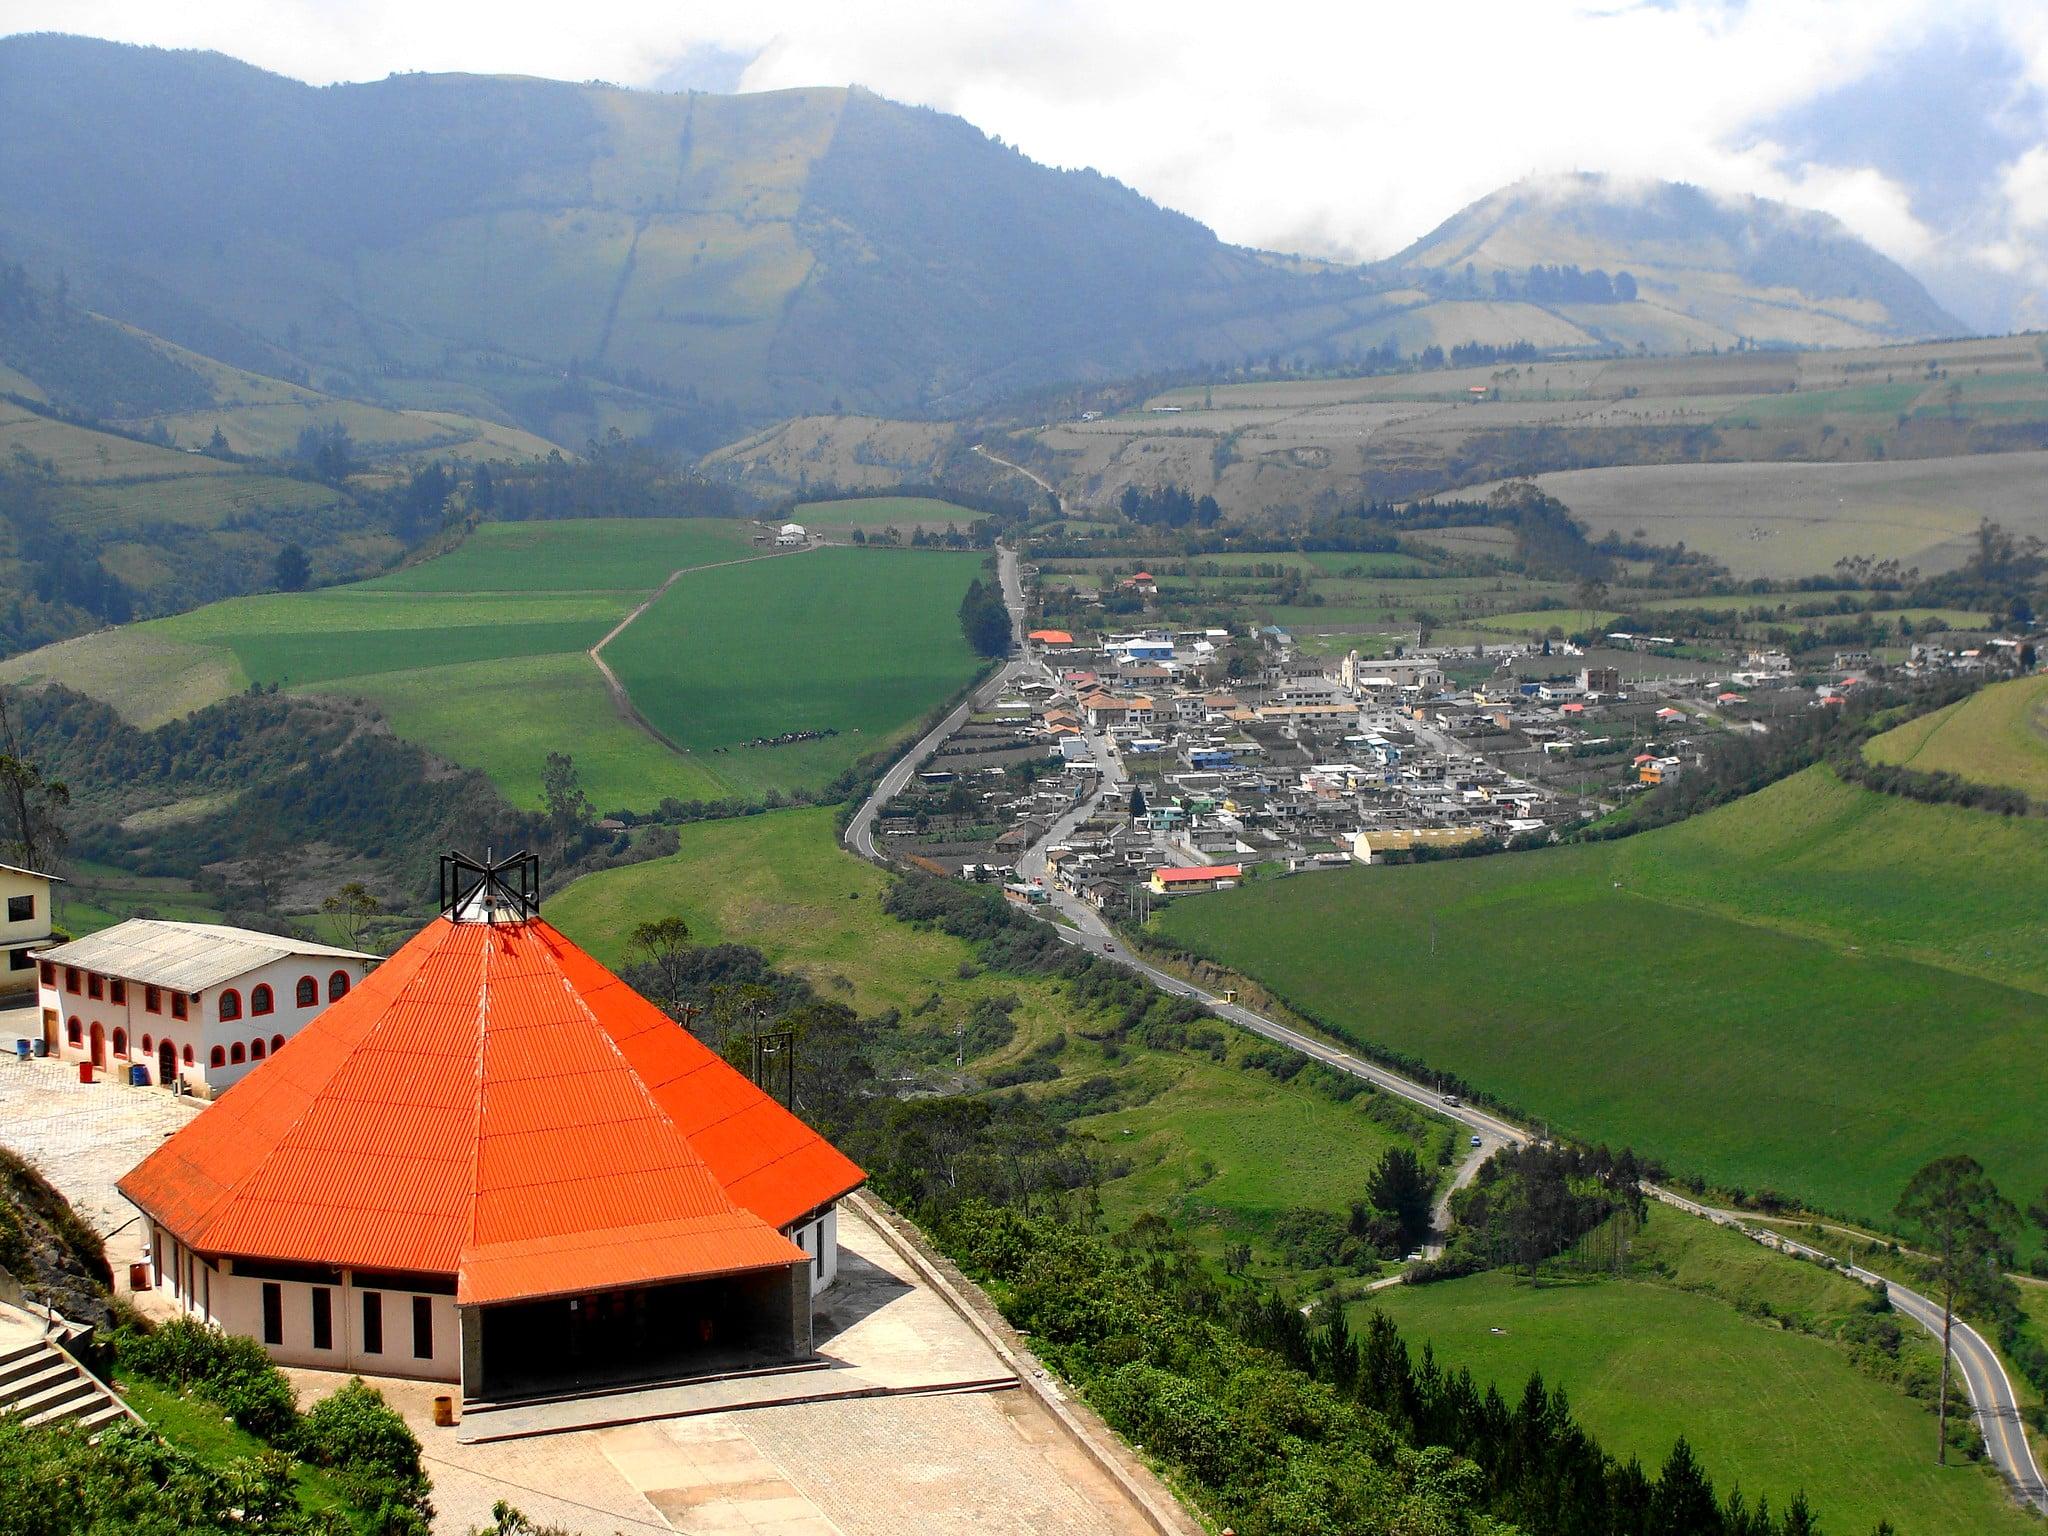 Lloa village